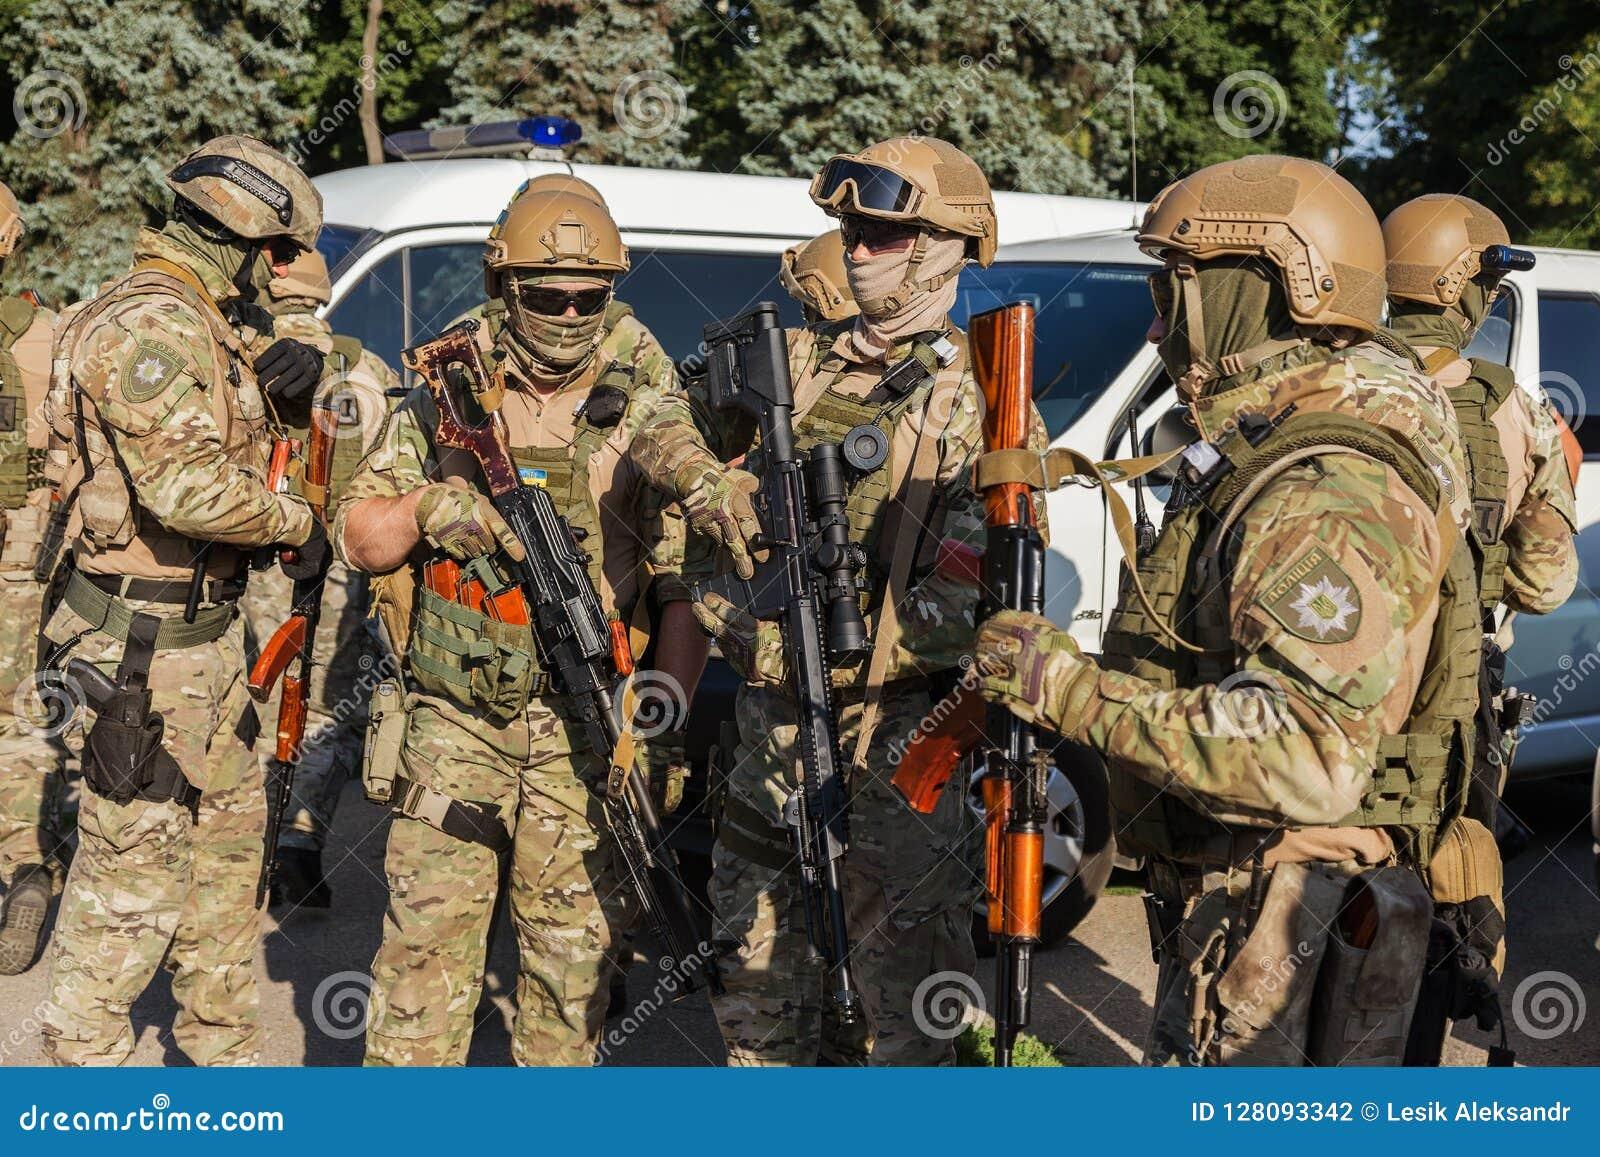 ODESSA, UKRAINE - 1. August 2018: Besondere Kräfte der ukrainischen Polizei in den Rängen im vollen Kampf bilden sich mit speziel